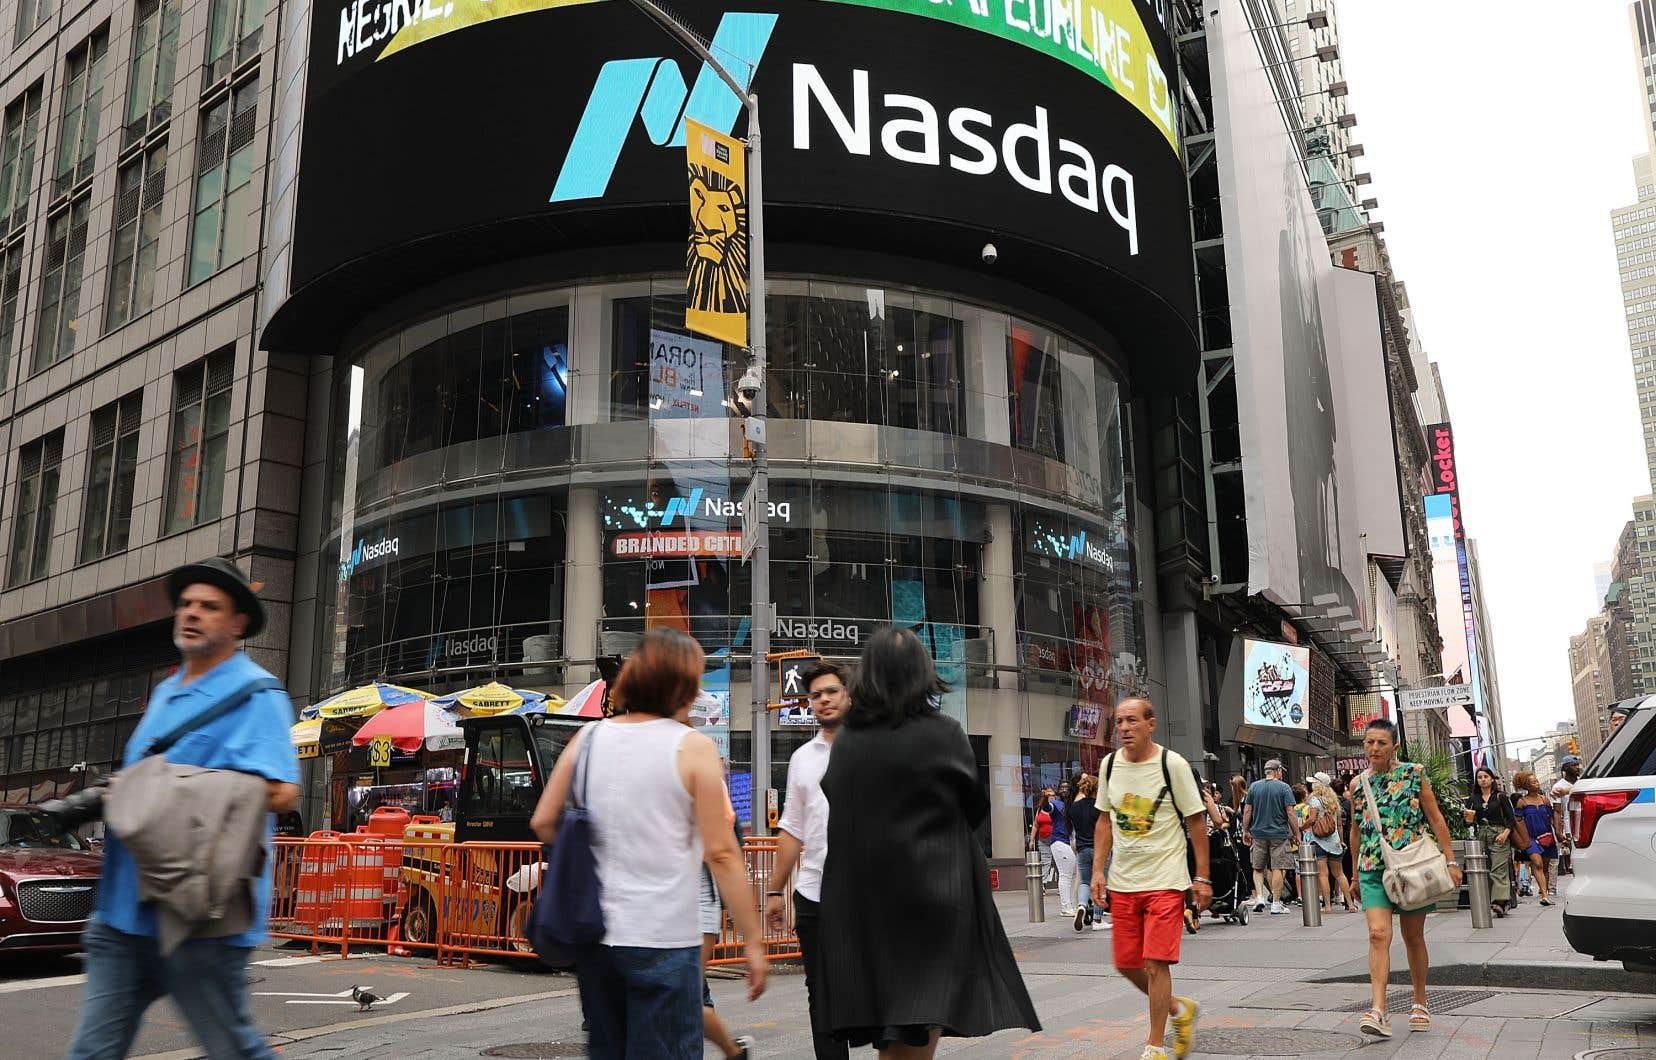 Vedette de la journée, le Nasdaq est en hausse de 16% depuis le début de l'année.